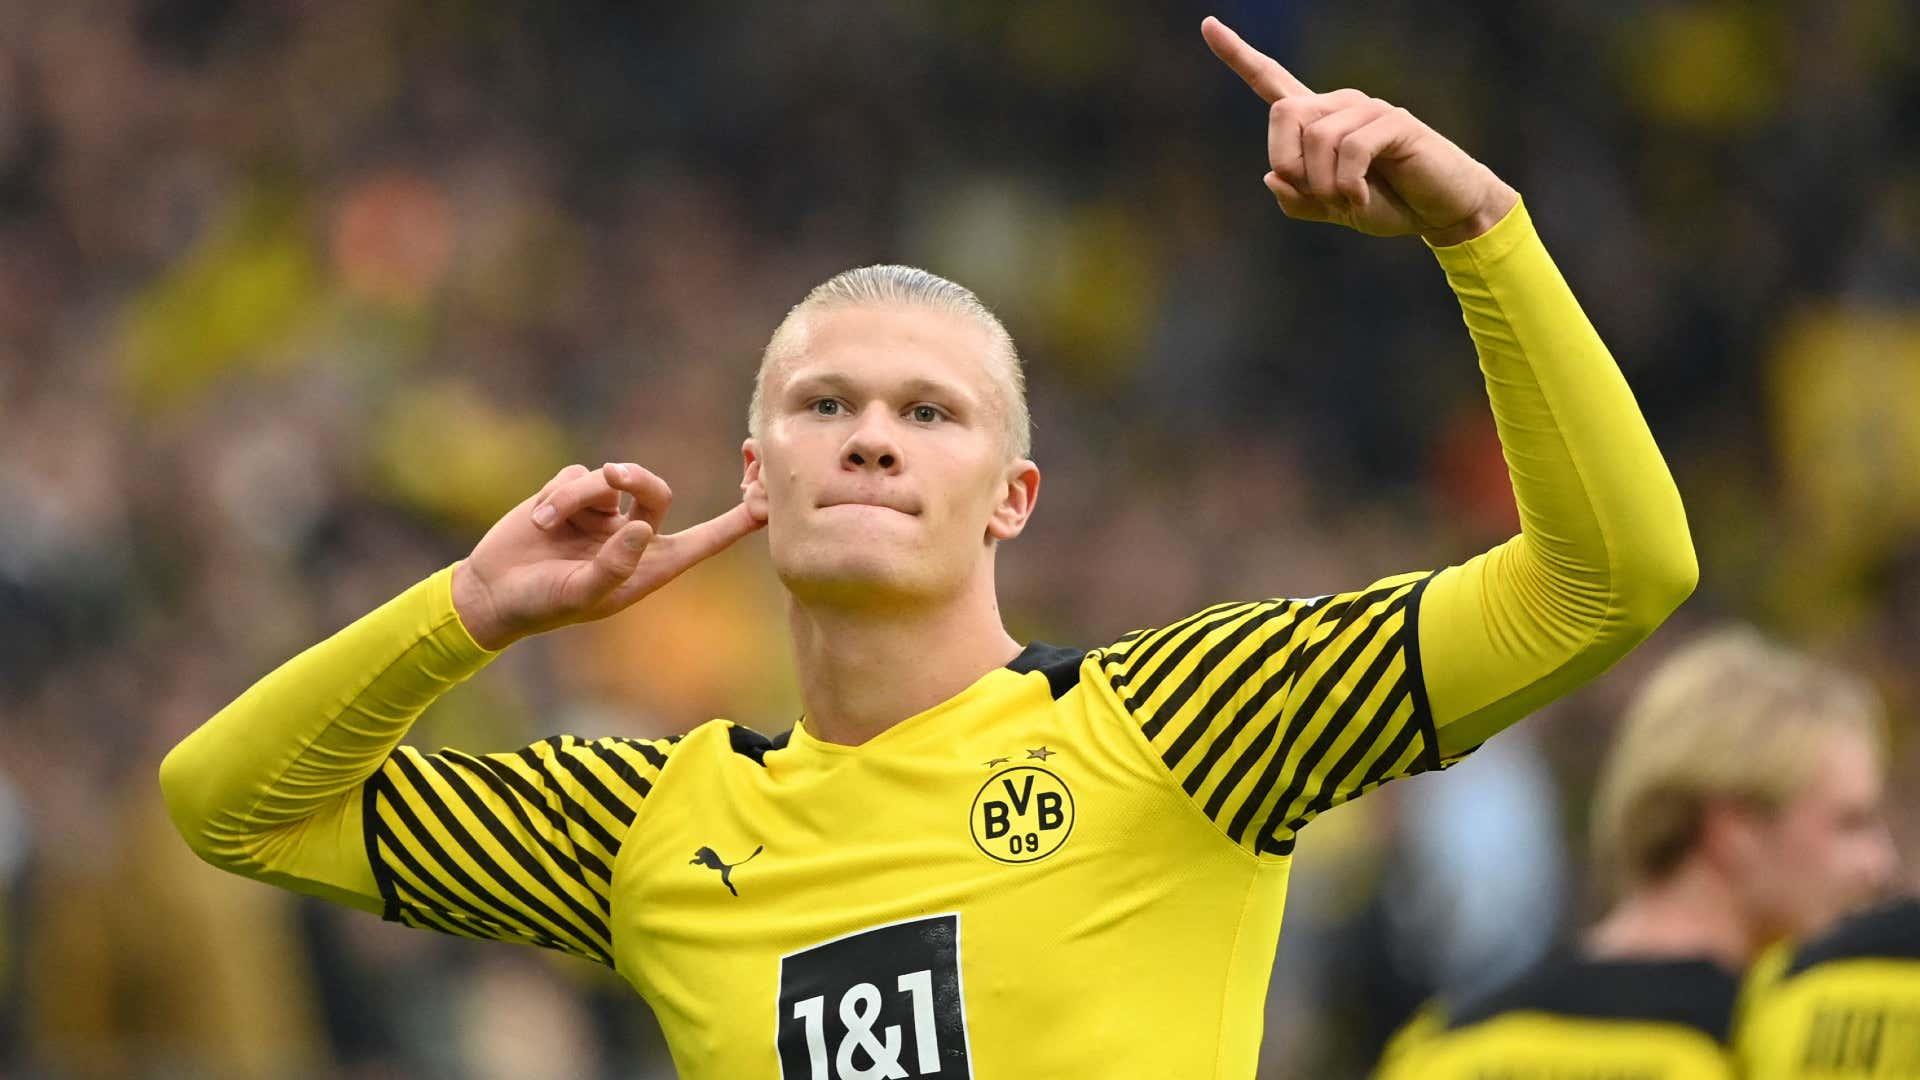 BVB, News und Gerüchte: Haaland macht Flitzer glücklich, Berater von Wunschspieler Adeyemi zu Gesprächen beim FC Bayern - alle News zu Borussia Dortmund heute | Goal.com